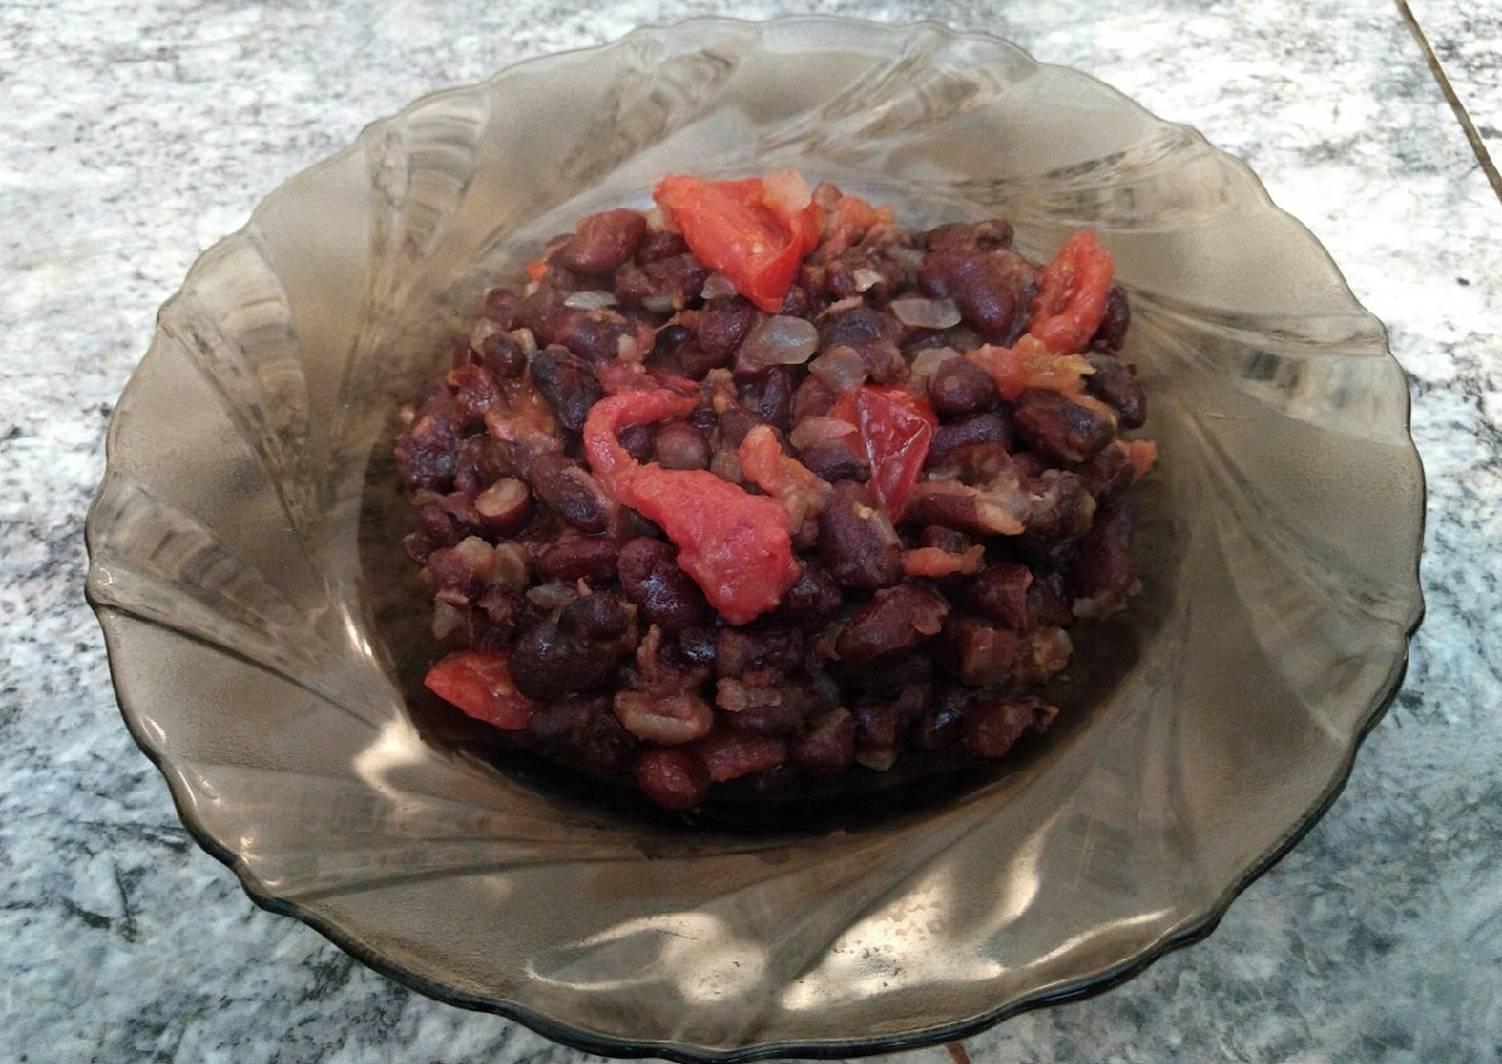 того, что отварная красная фасоль рецепты с фото гарнир самых добрых